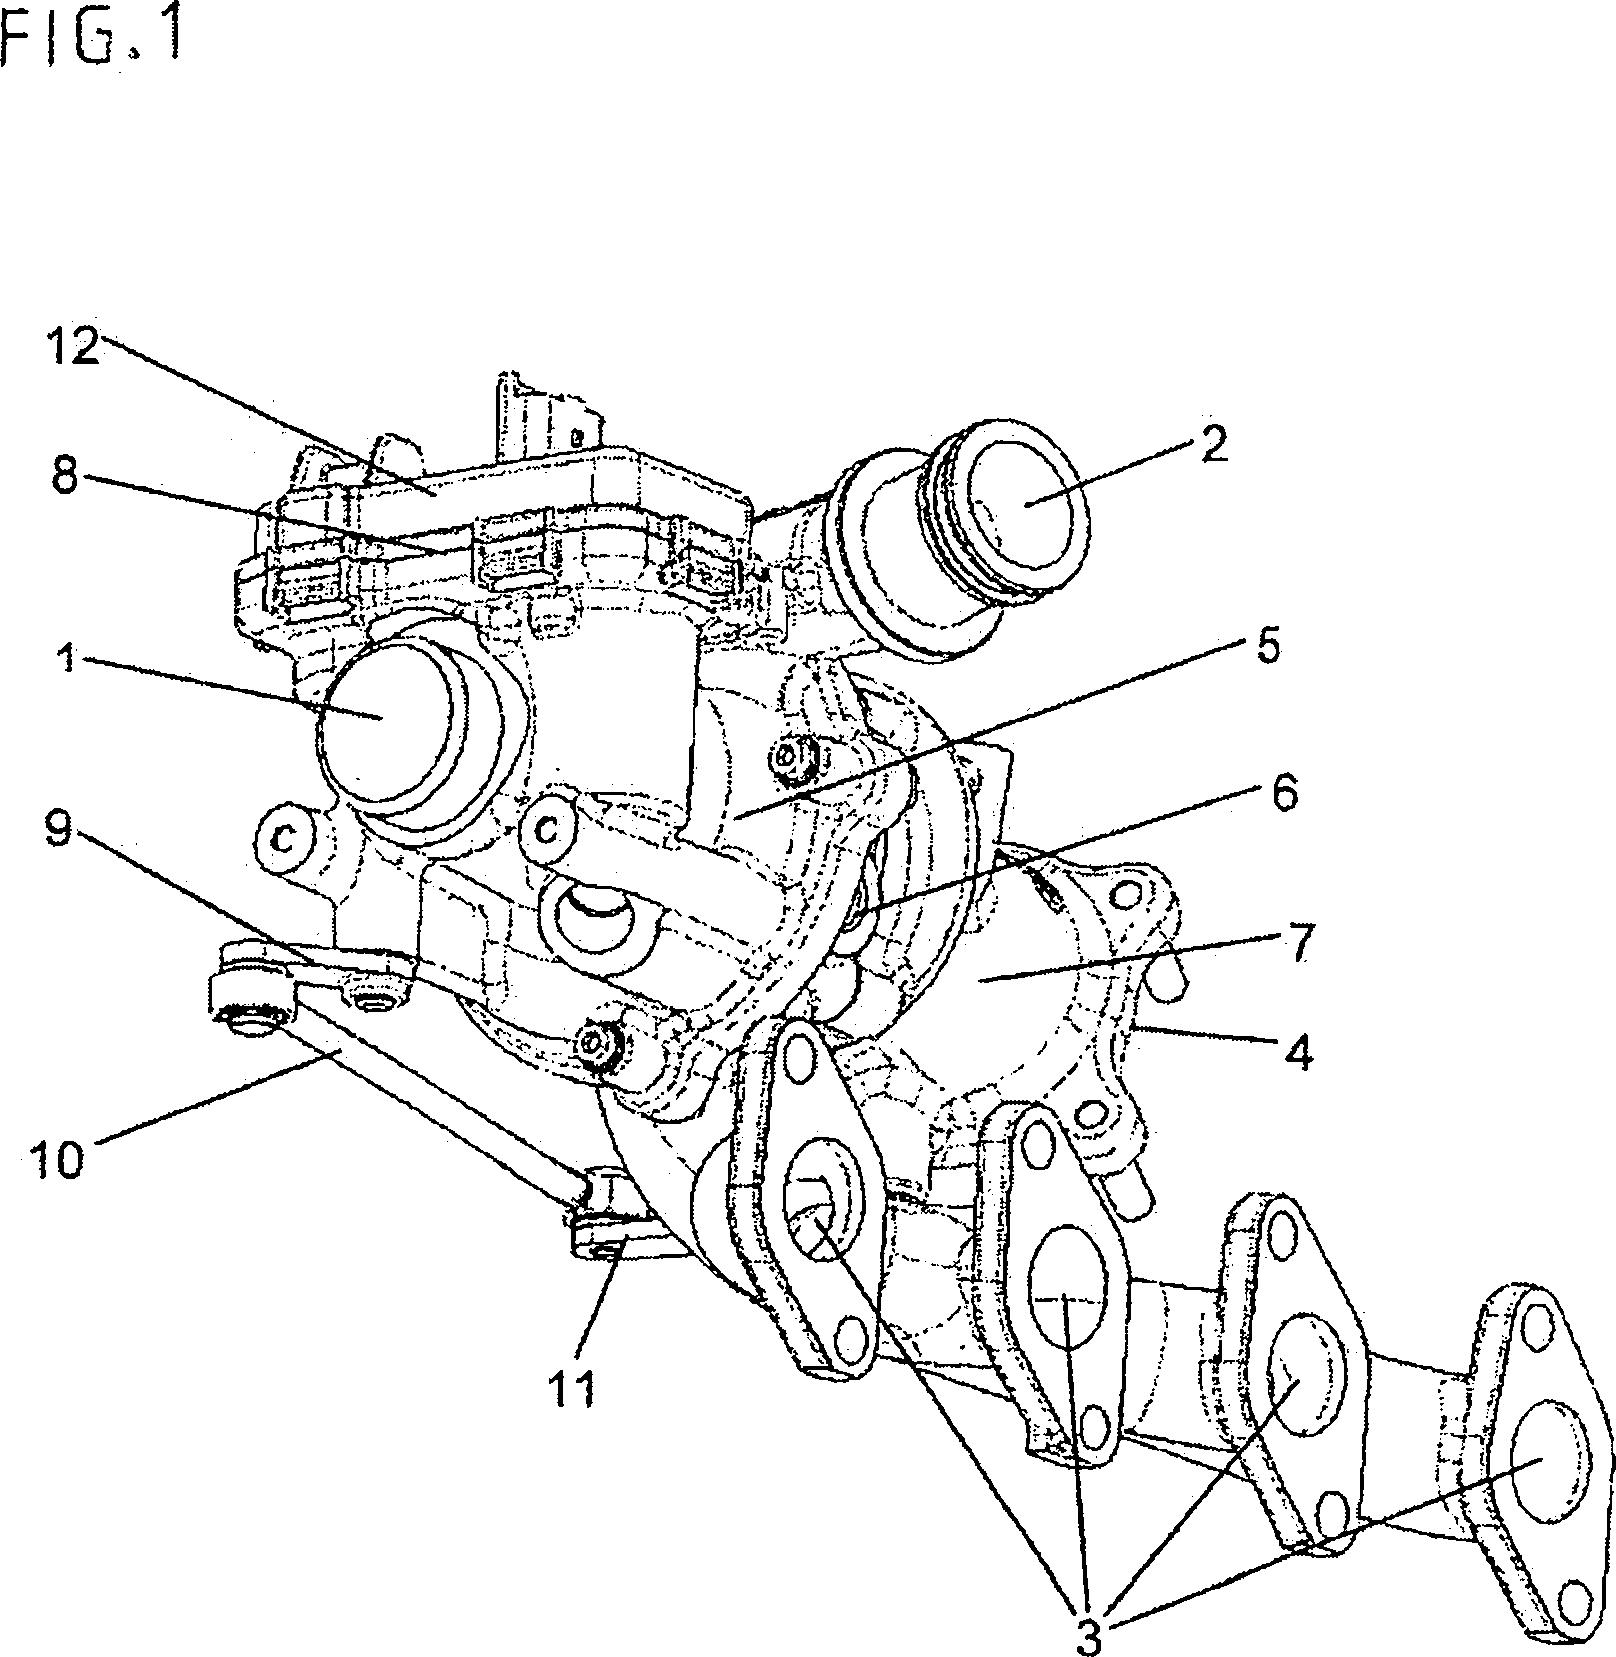 Electric Turbocharger Patents: Abgasturbolader Mit Einem